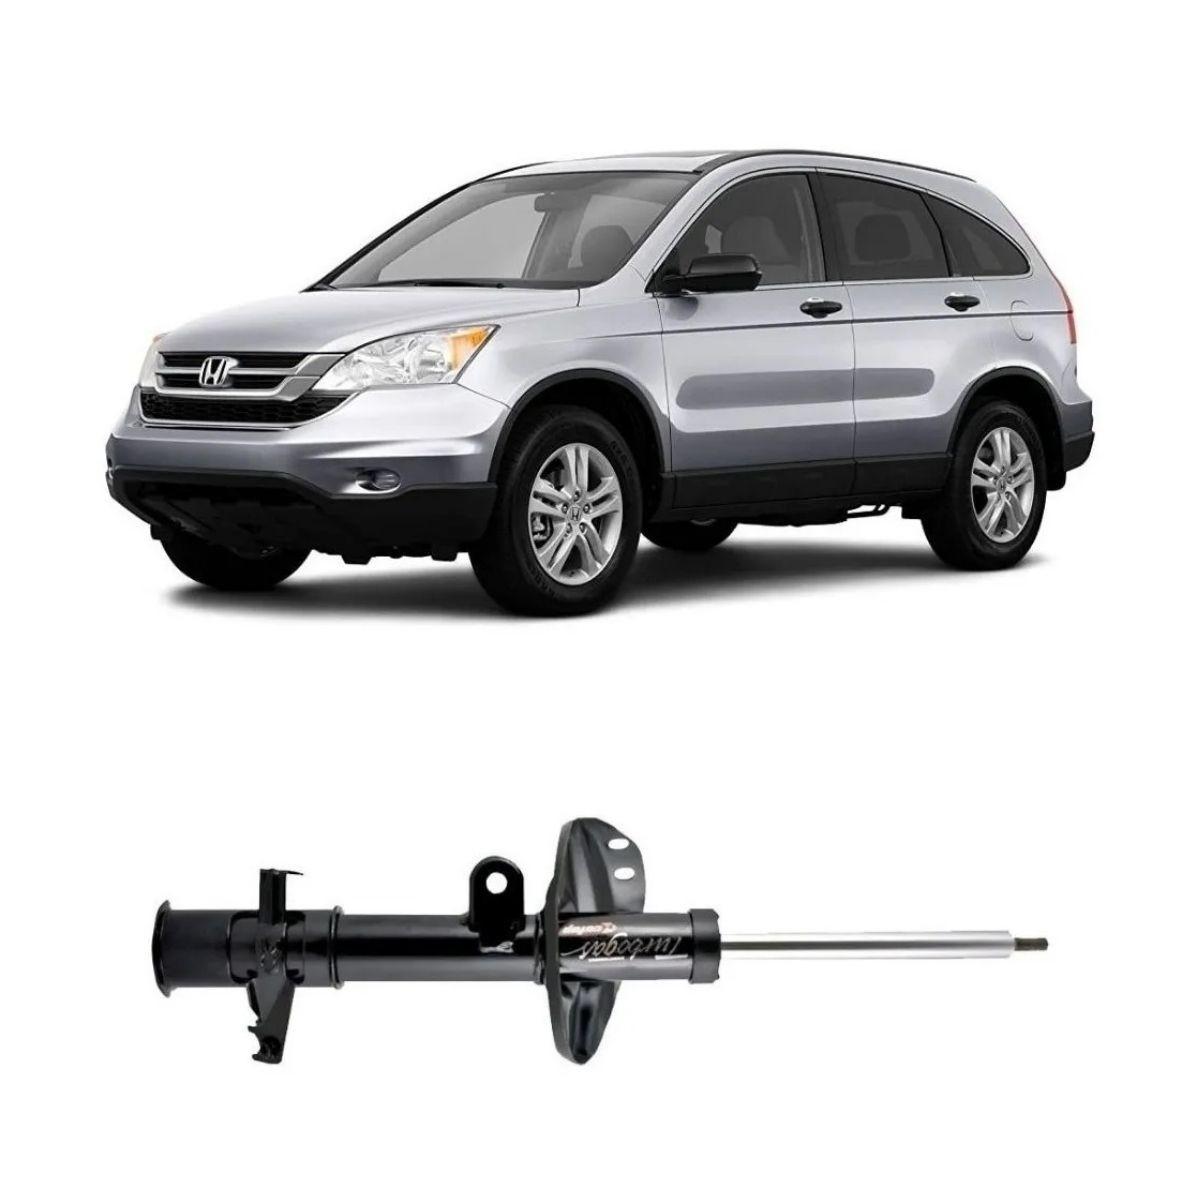 Amortecedor Dianteiro Esquerdo Honda Crv 2008 A 2011